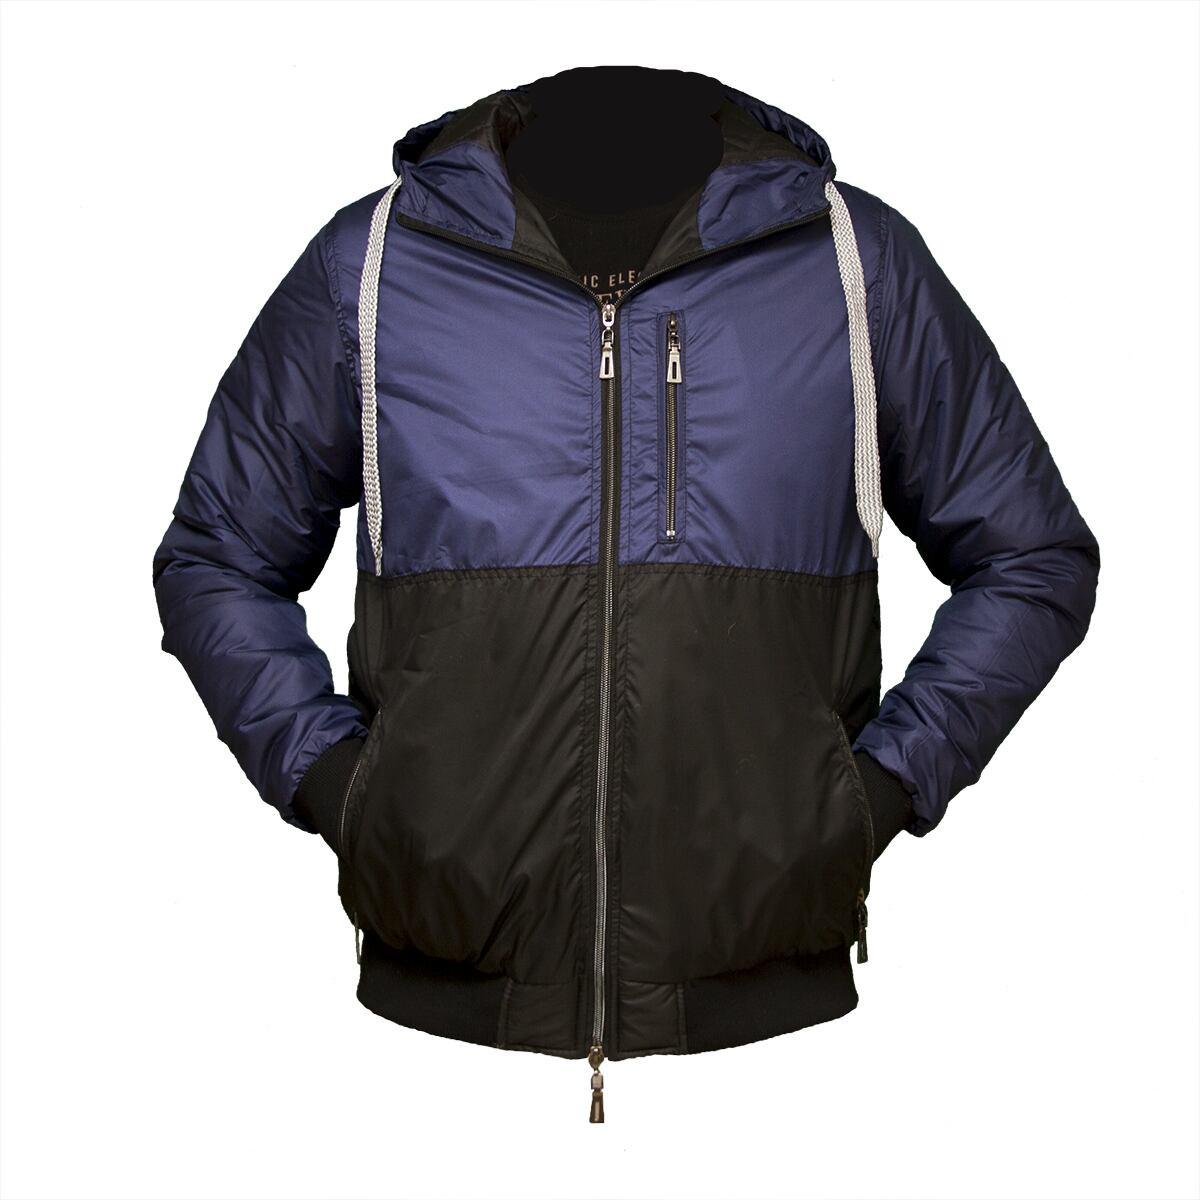 e84100d0 Куртка ветровка мужская с капюшоном - Интернет магазин одежды Модна Лавка в  Кременчуге